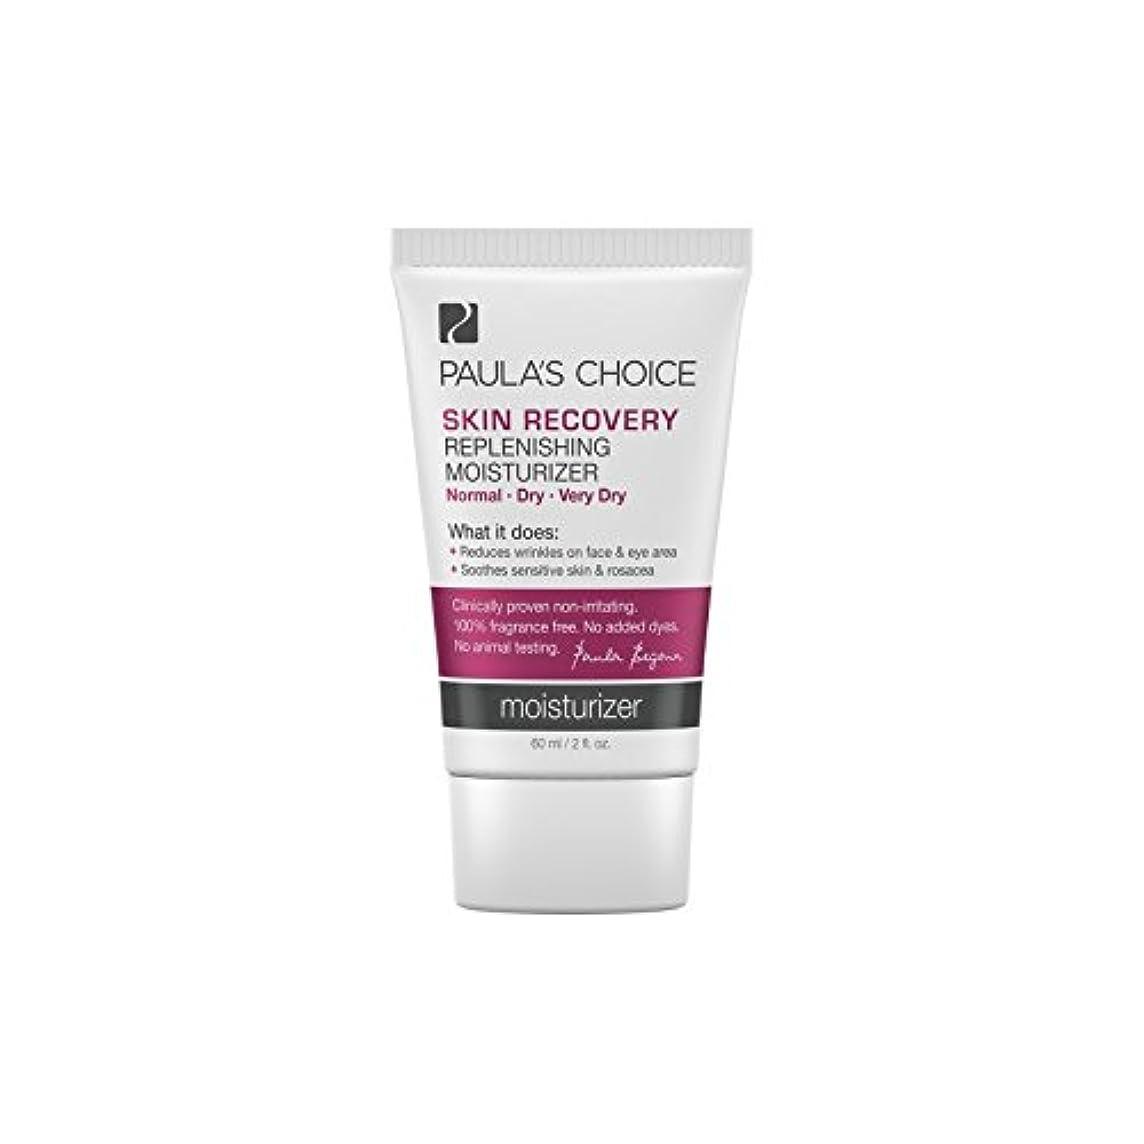 無許可バックアップゲートウェイPaula's Choice Skin Recovery Replenishing Moisturizer (60ml) - ポーラチョイスの肌の回復補充保湿(60ミリリットル) [並行輸入品]